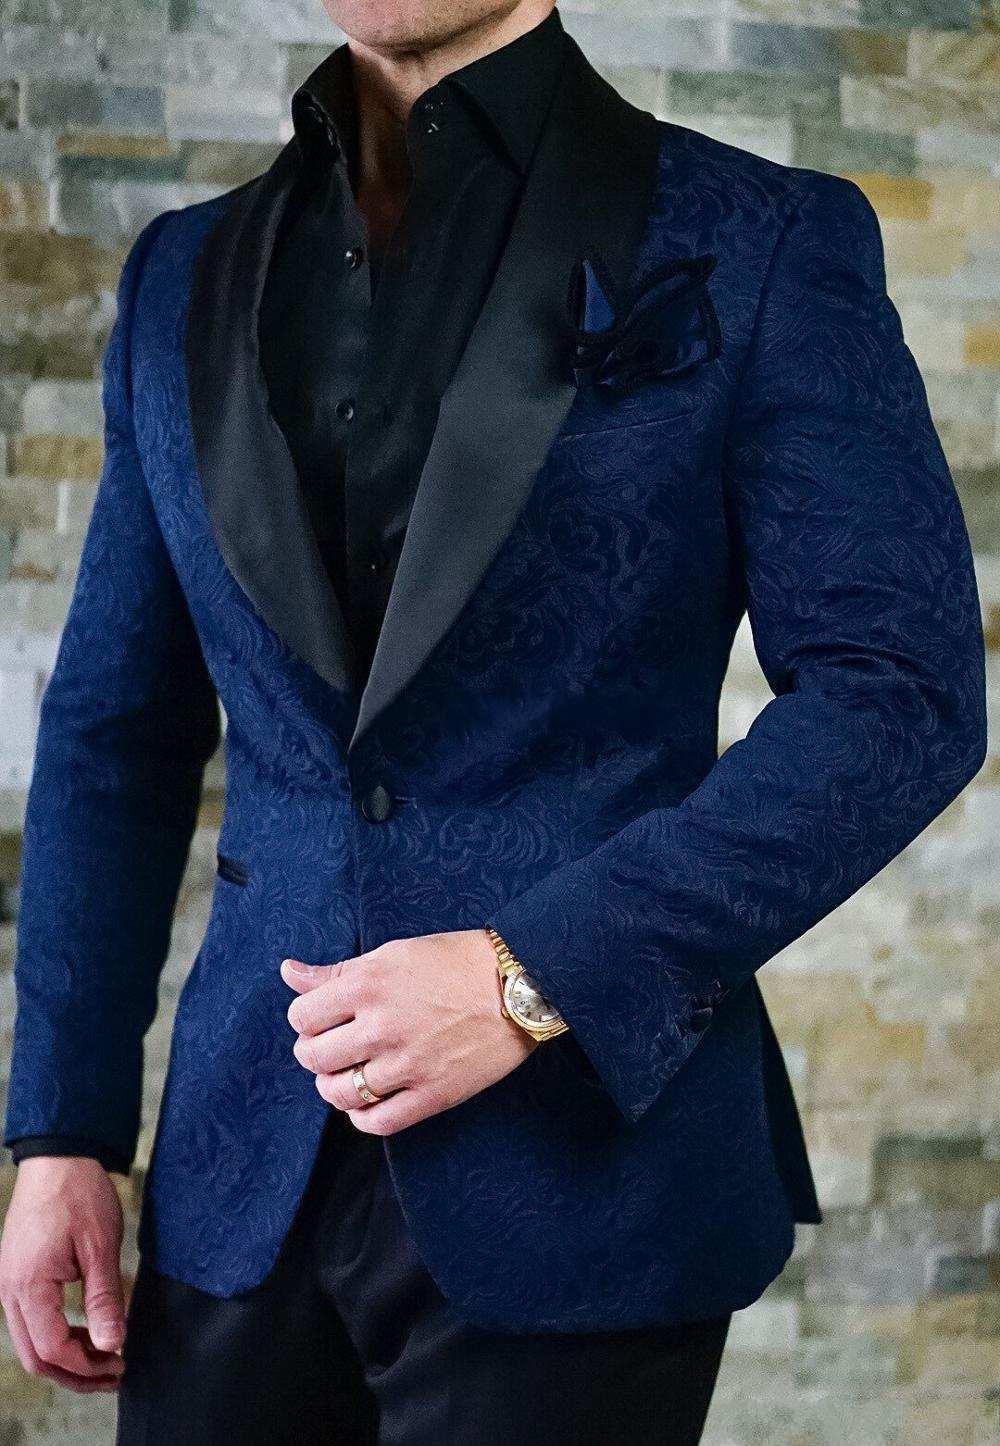 25b956f207543 De alta calidad azul Paisley Mens trajes esmoquin de novio padrinos de boda  fiesta cena mejor Hombre Trajes (chaqueta + Pantalones + corbata de lazo)  w  1